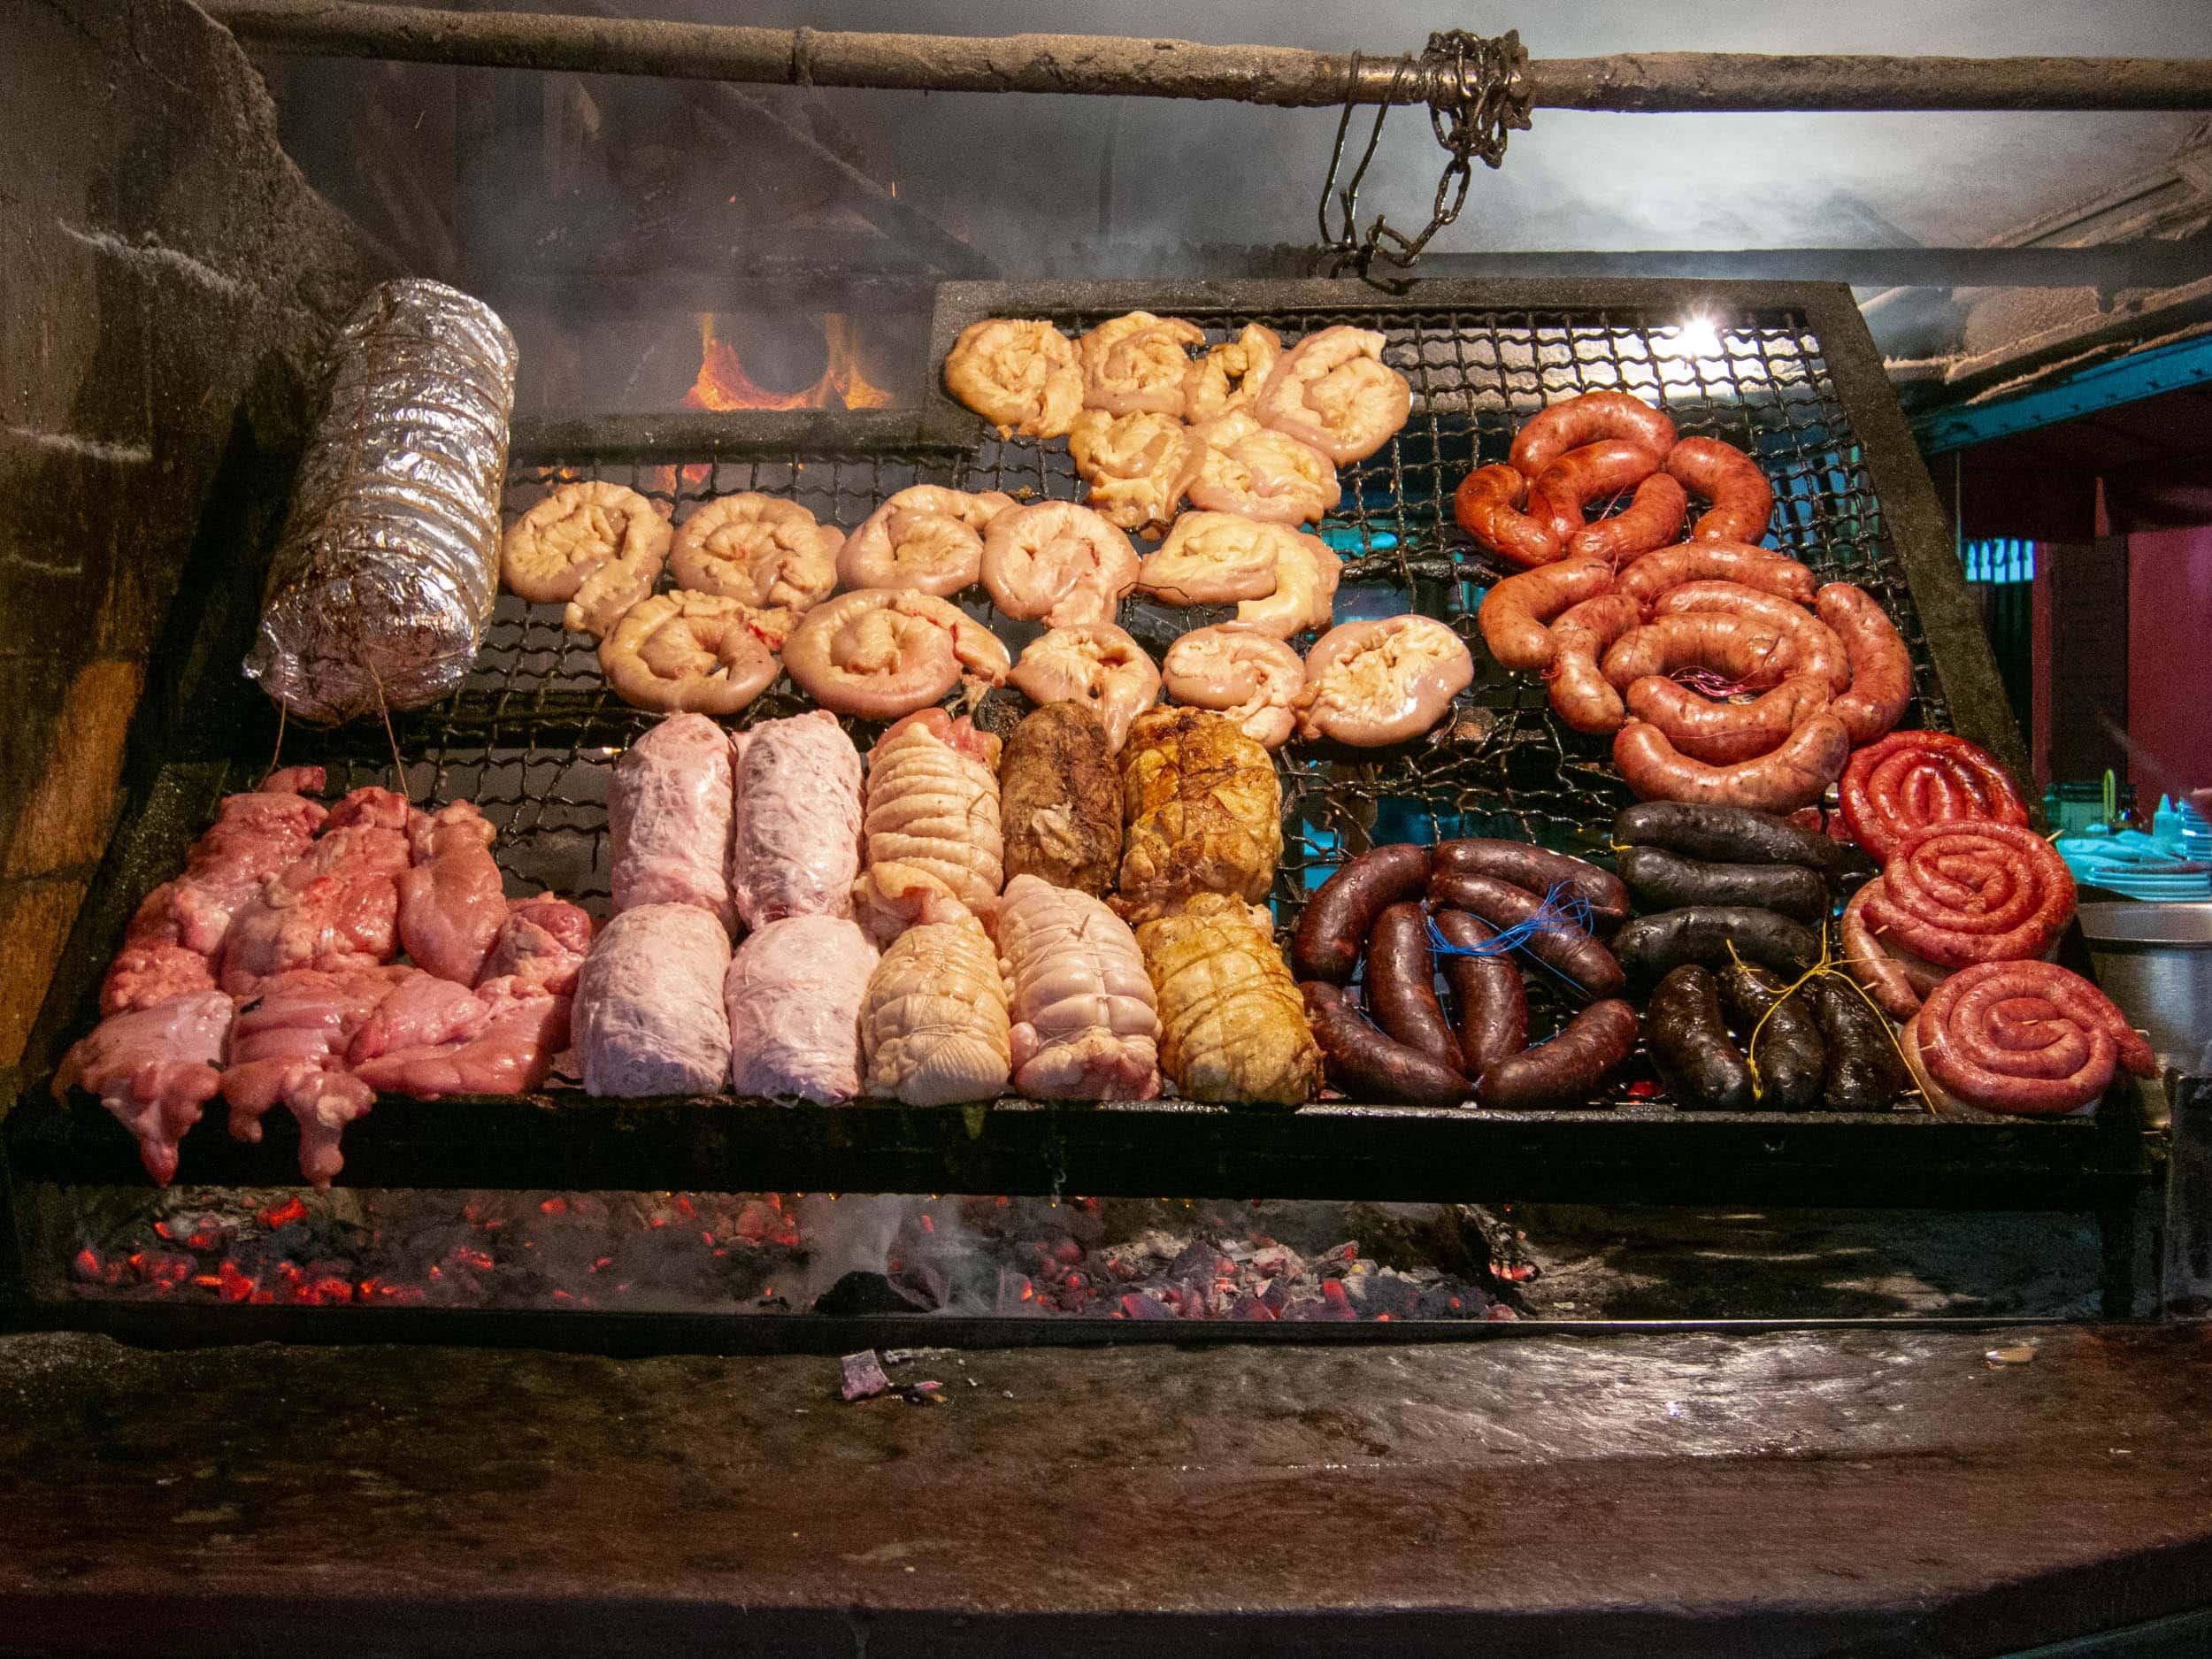 Asado with sausages & sweetbreads at Mercado del Puerto